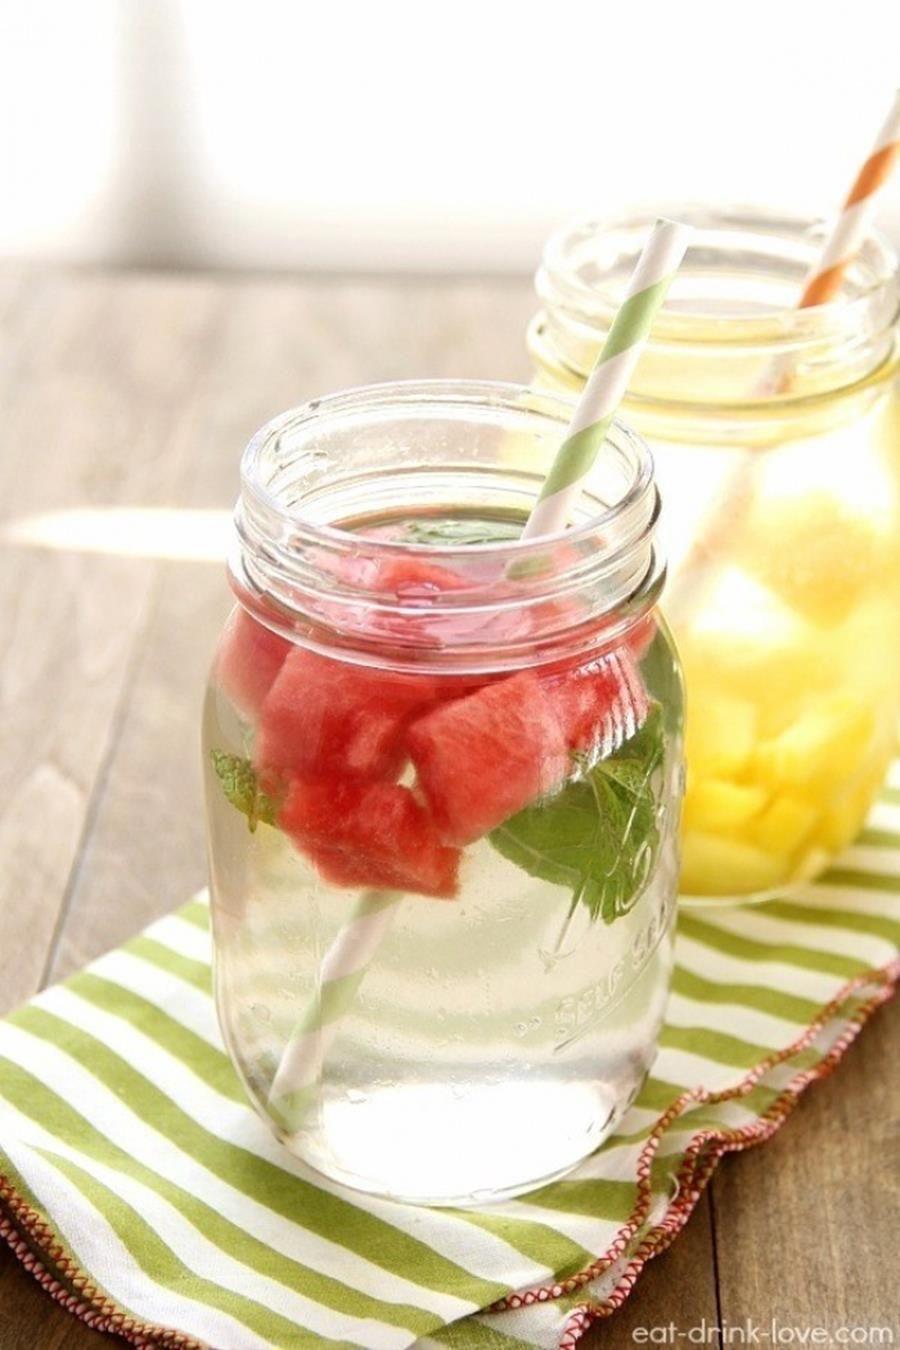 13 recettes de boissons fraîches pour arrêter définitivement les sodas #boissonsfraîches Pastèque avec une touche de menthe Ingrédients :  - 350g de pastèque coupée en tranche - des feuilles de menthe - eau fraîche - glaçons   Préparation :   Dans un pichet, mélangez la pastèque, les feuilles de menthe et les glaçons. Remplissez le tout avec de l'eau et laissez reposer 2 à 8 heures dans le frigo. N'hésitez pas à doser la menthe en fonction de vos goûts. #boissonsfraîches